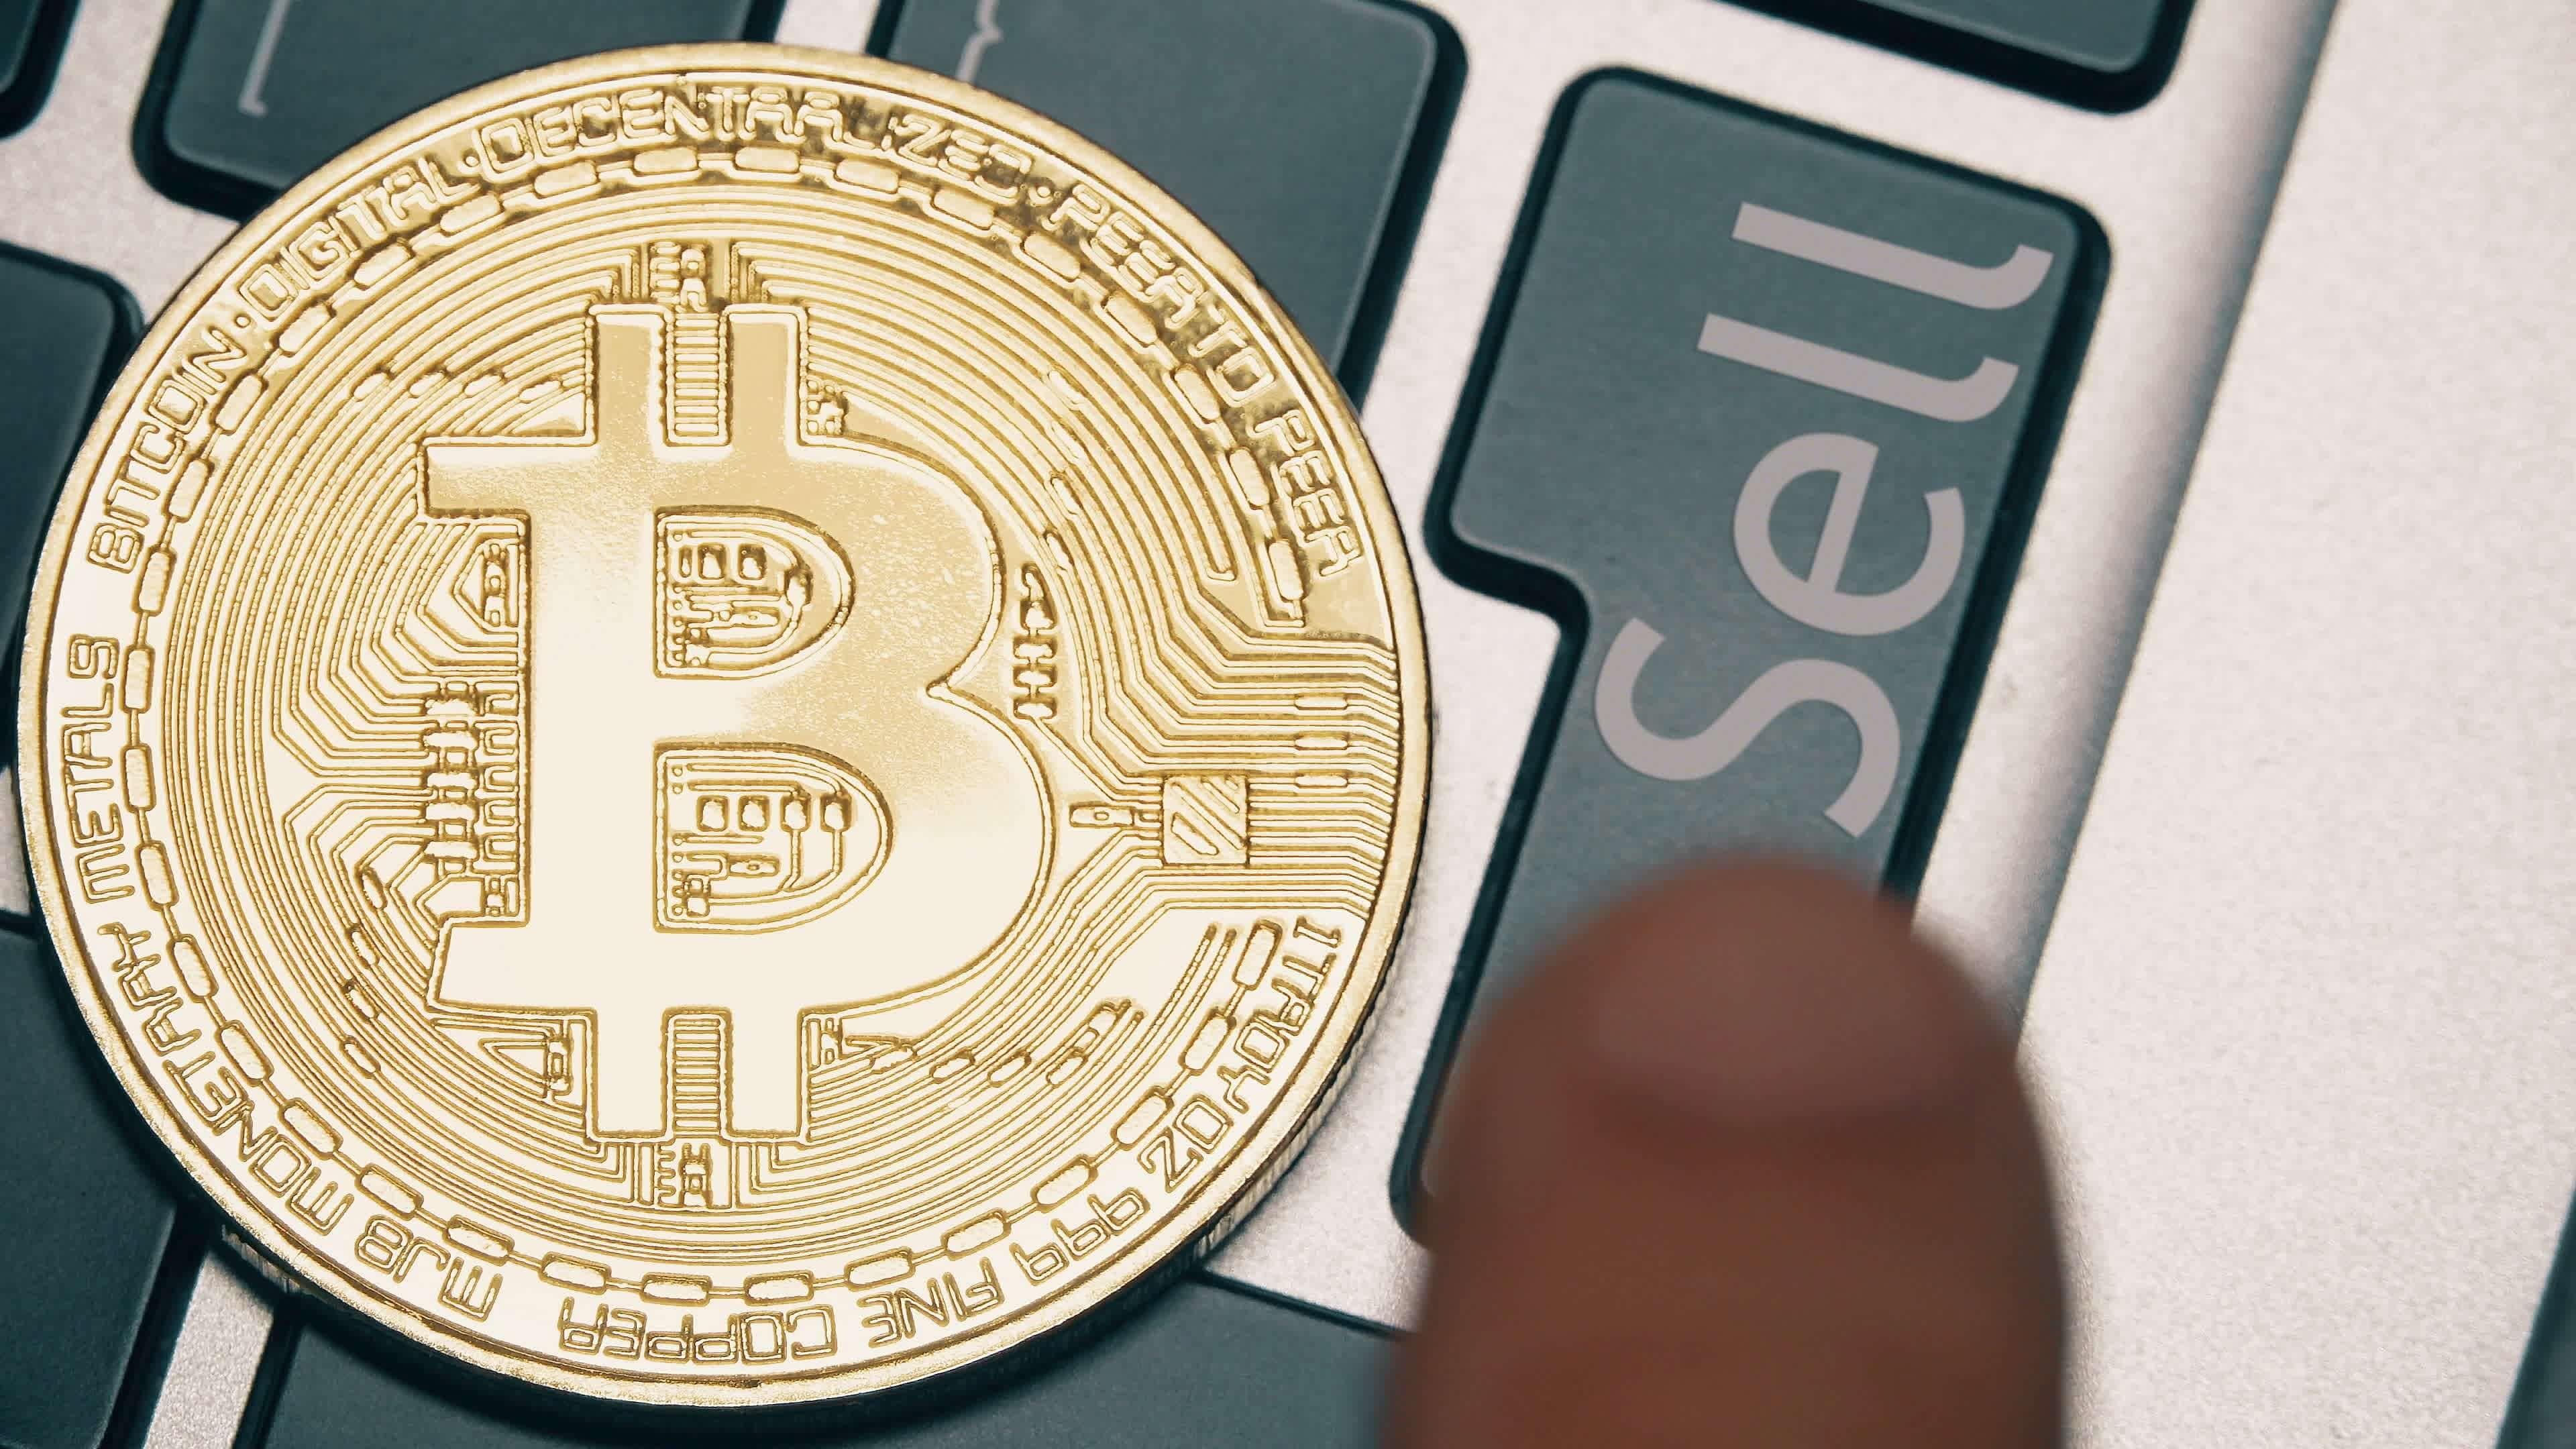 ビットコイン(Bitcoin/BTC)の売り方の方法や注意点は?